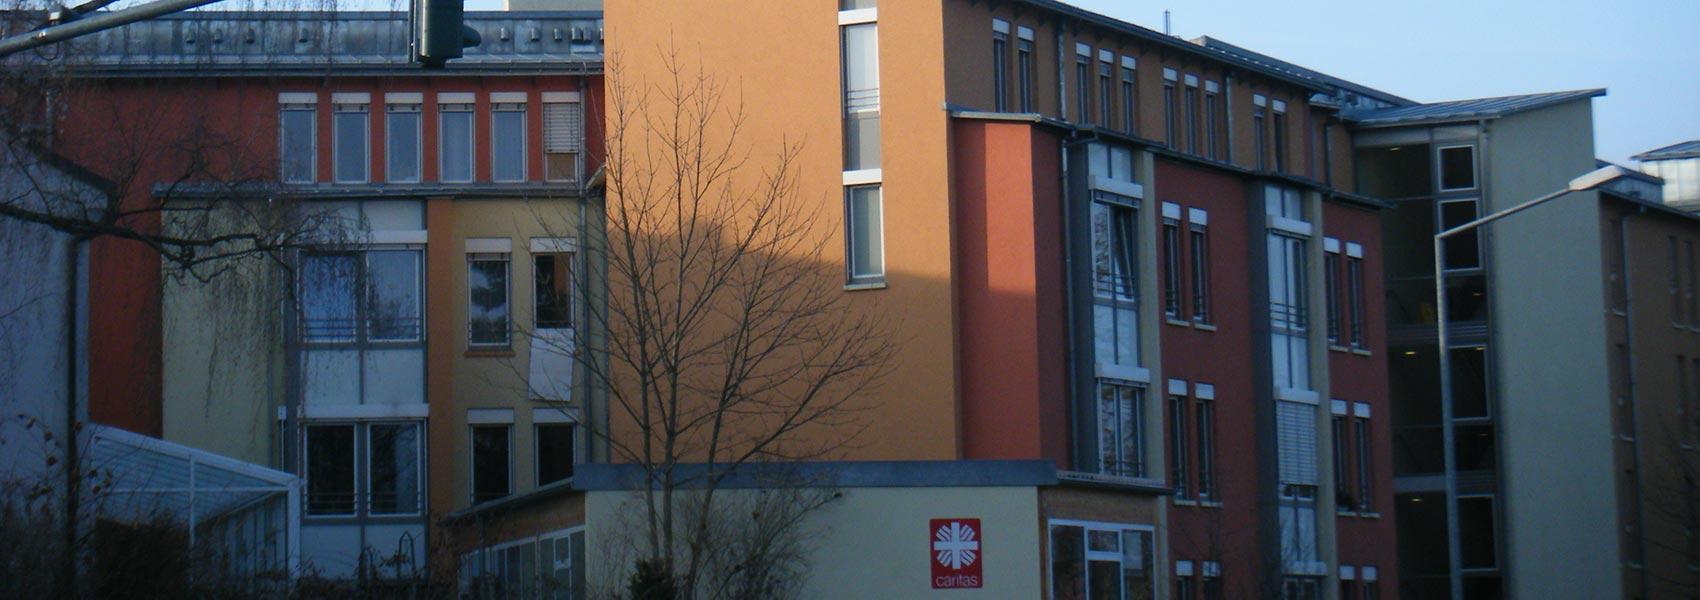 Architekten Schweinfurt architekten schweinfurt bfm architekten amt fr ernhrung und